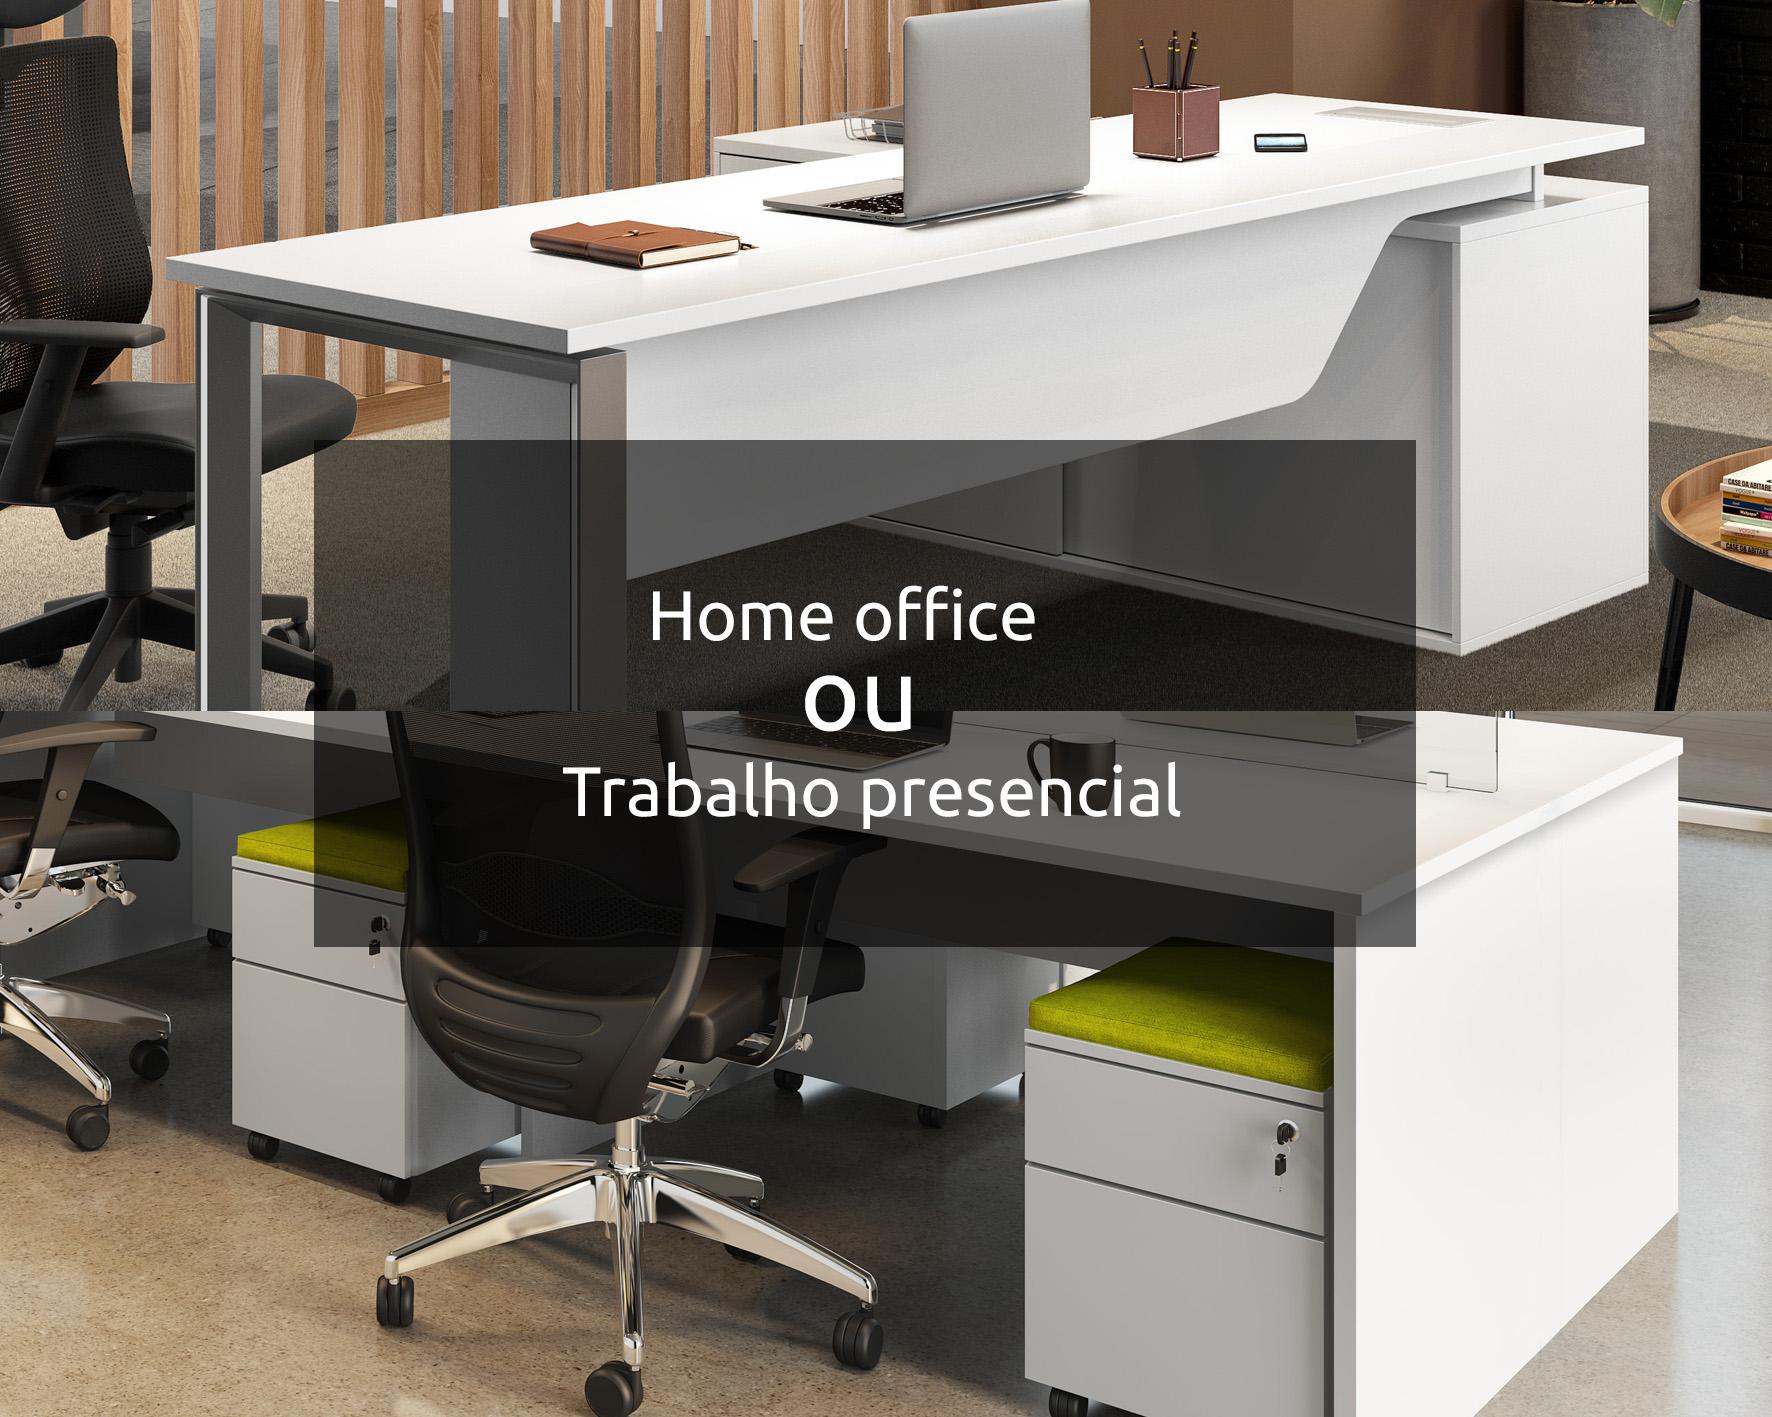 home-office-ou-trabalho-presencial-1